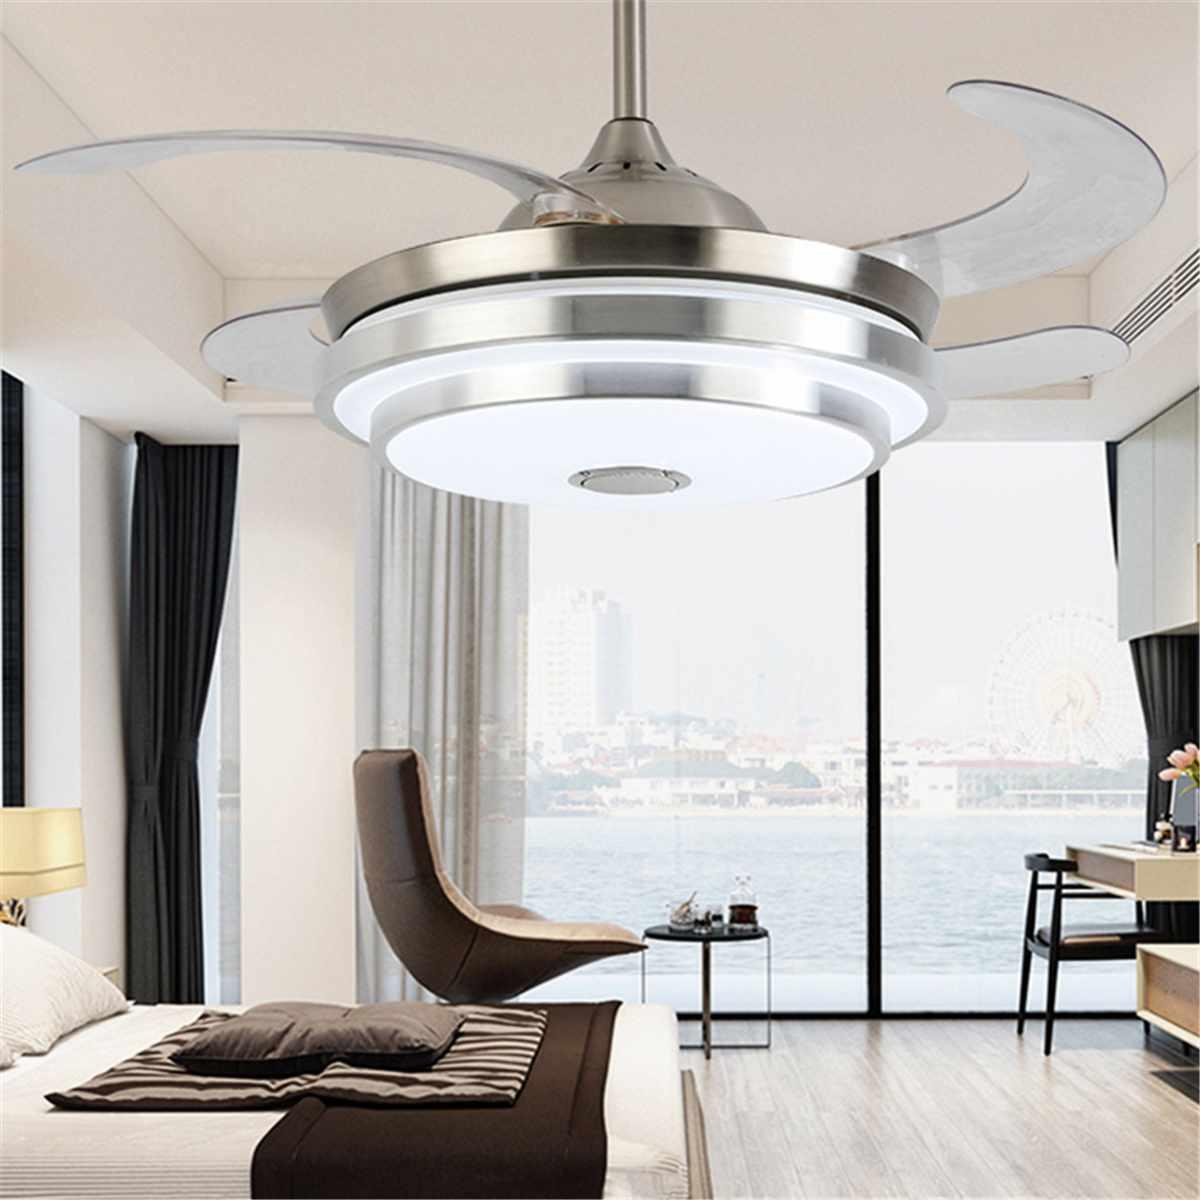 Moderna HA PORTATO A Soffitto Con La Luce Pieghevole Lampada Ventilatore A Soffitto Sala da pranzo Soggiorno 7 Cambiamento di Colore Musica APP Remote di controllo - 3